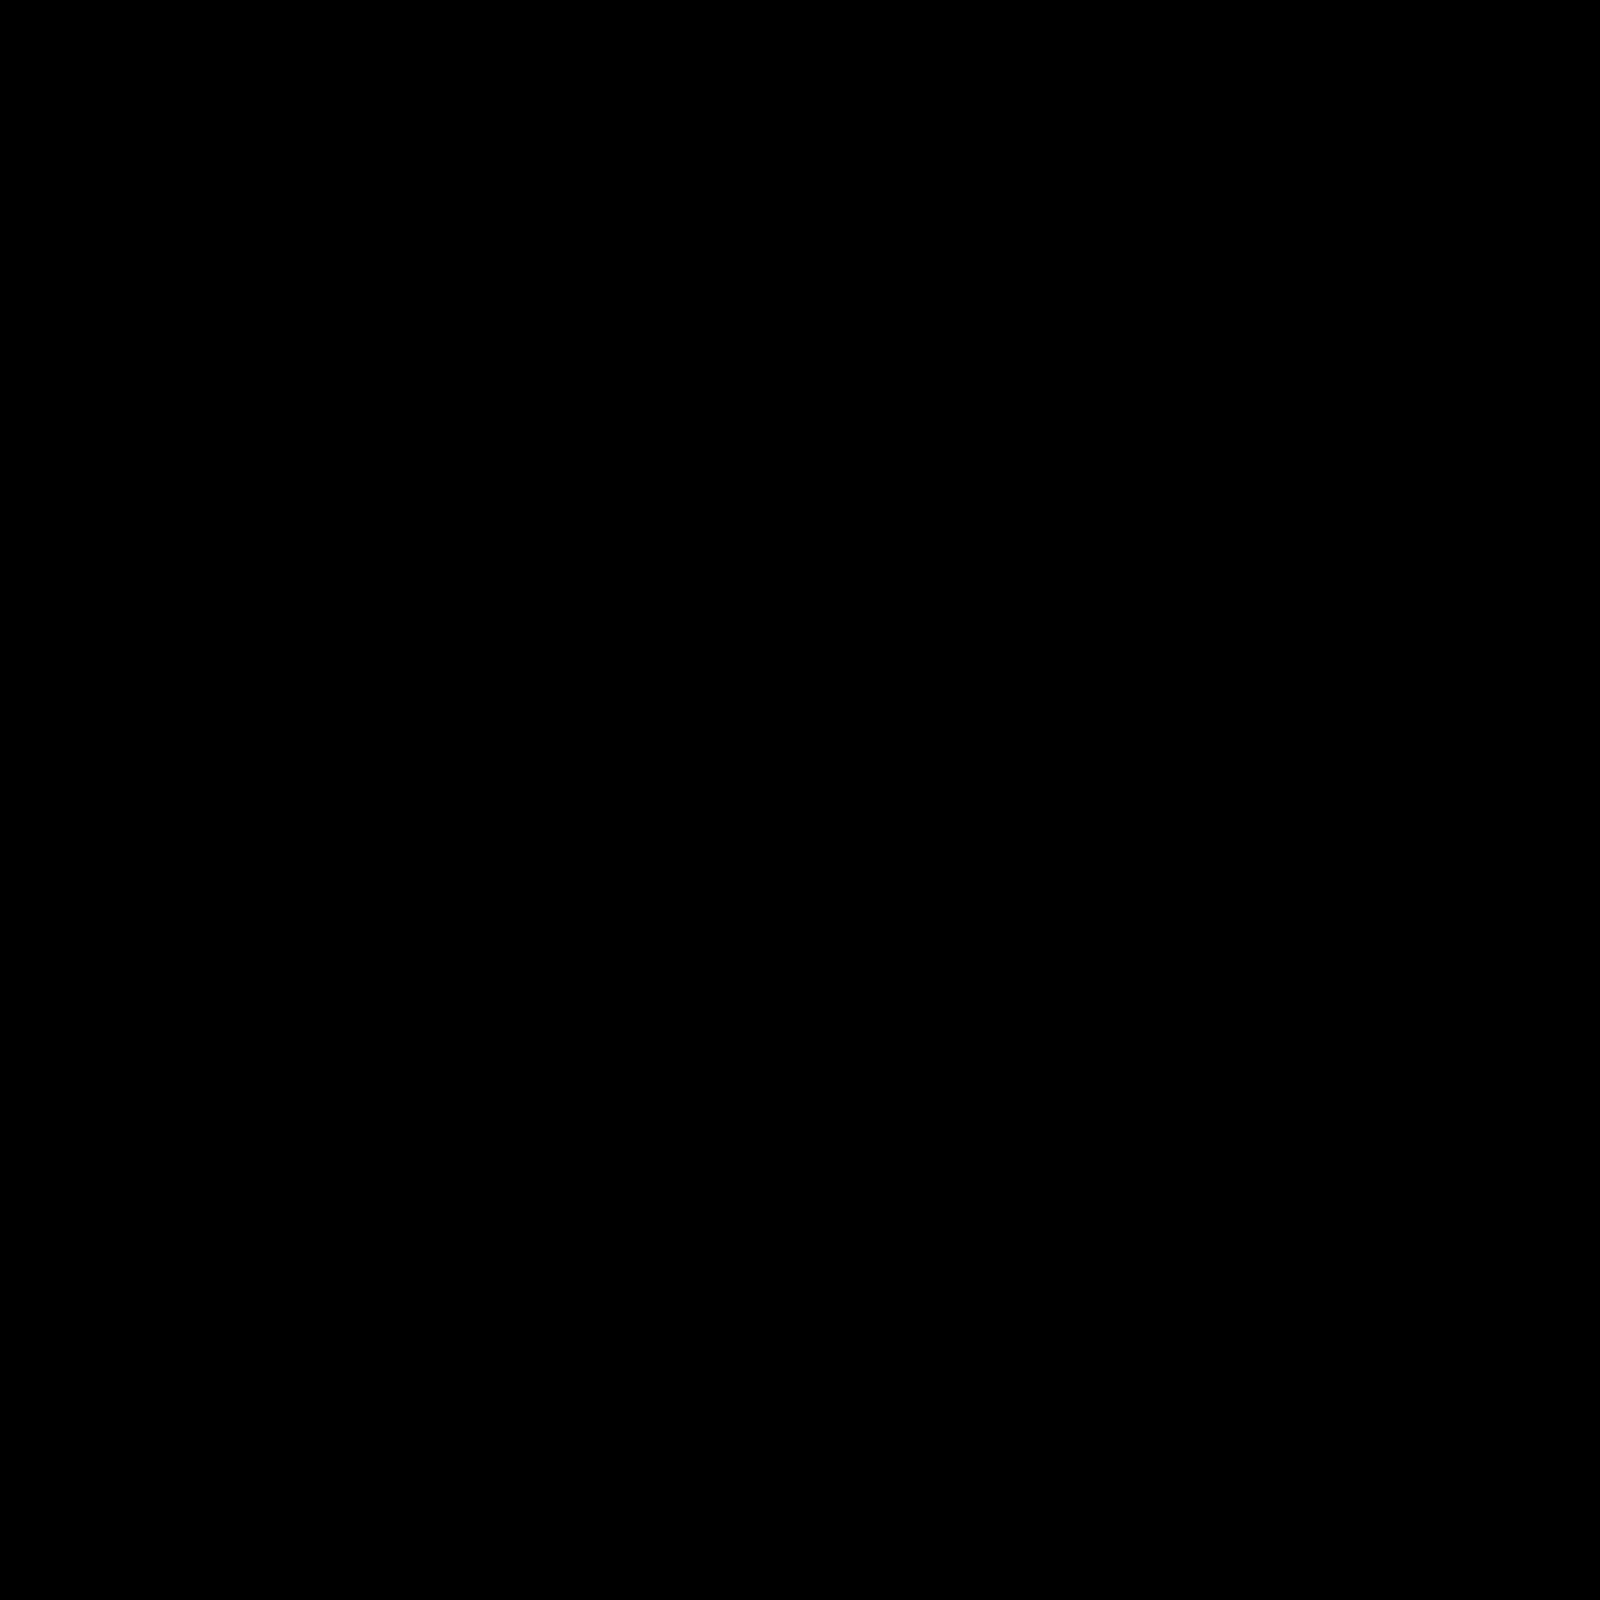 编辑男性用户 icon. The icon is a human-shape silhouette that starts from the top of the head to the shoulders. At the bottom right corner of the silhouette is a thin rectangle shape with a curved top and a pointed bottom. The thin rectangle shape slightly overlaps the right shoulder of the silhouette.